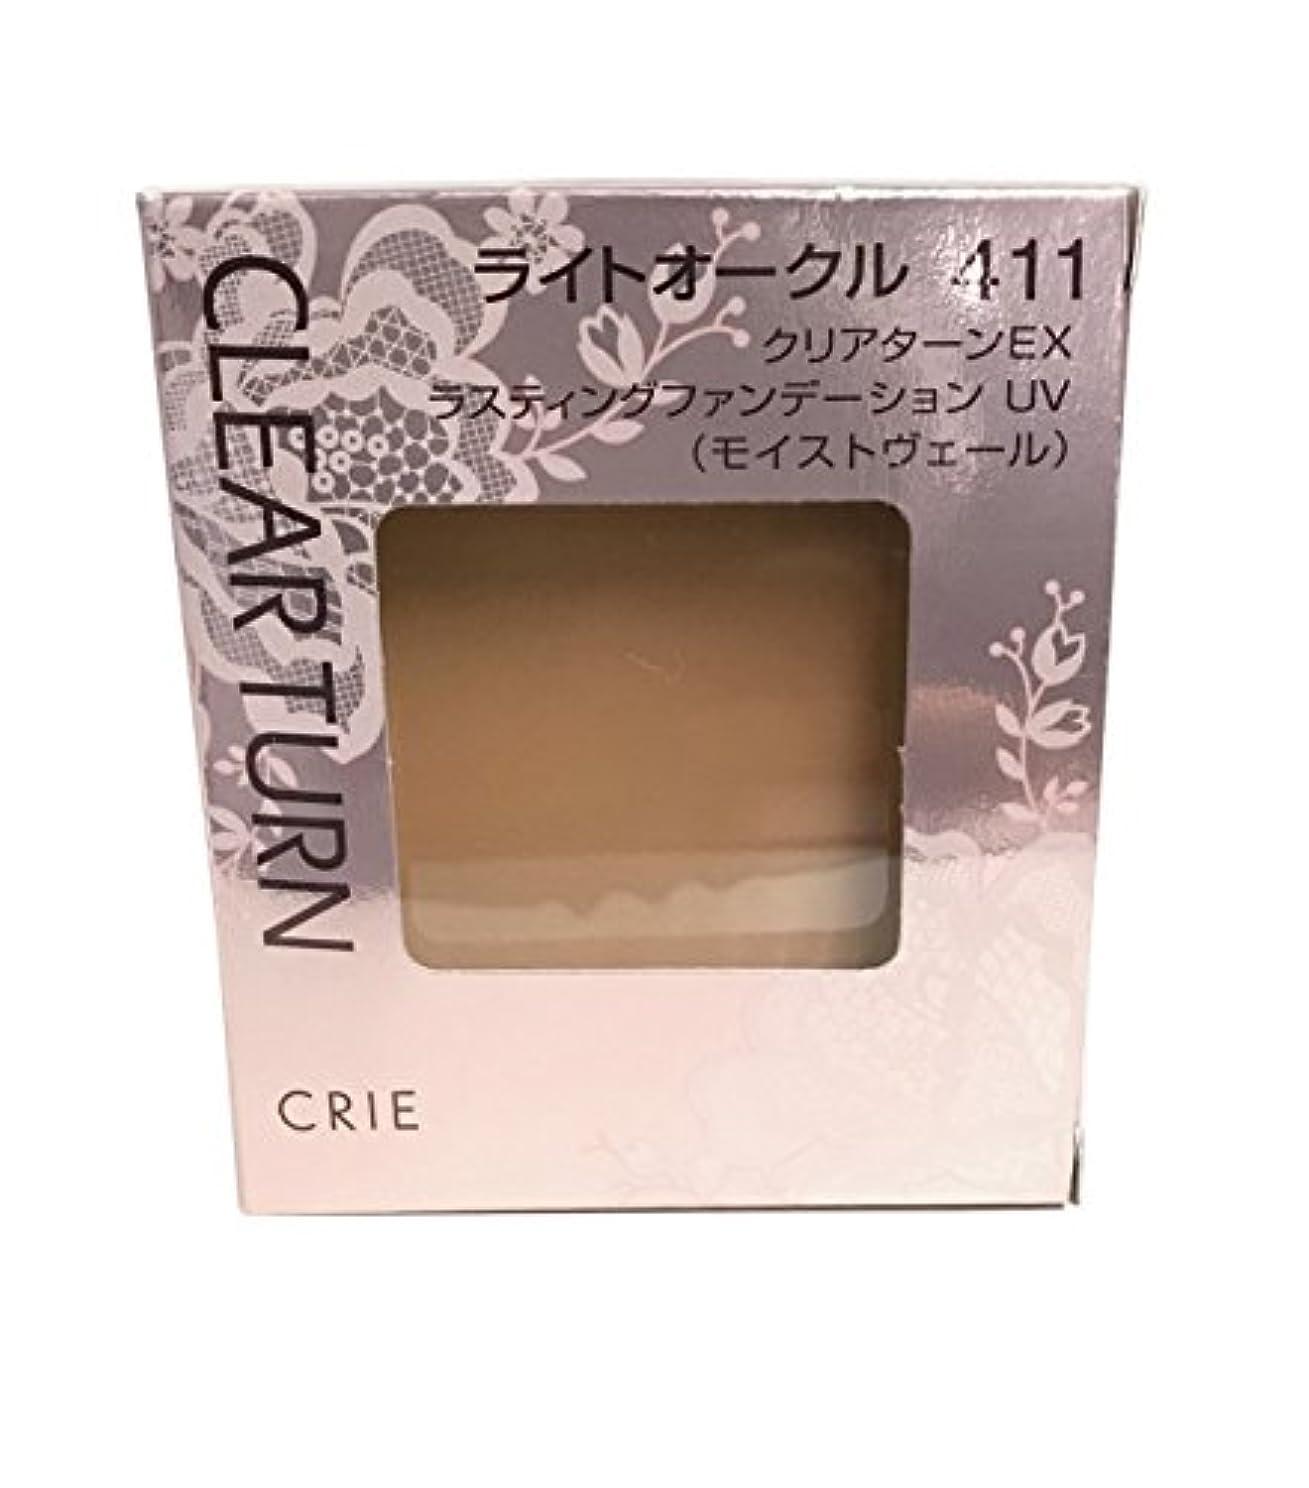 一般的に言えばコミュニケーション俳句クリエ(CRIE) クリアターンEX ラスティングファンデーション UV (モイストヴェール) #411 ライトオークル 9.5g